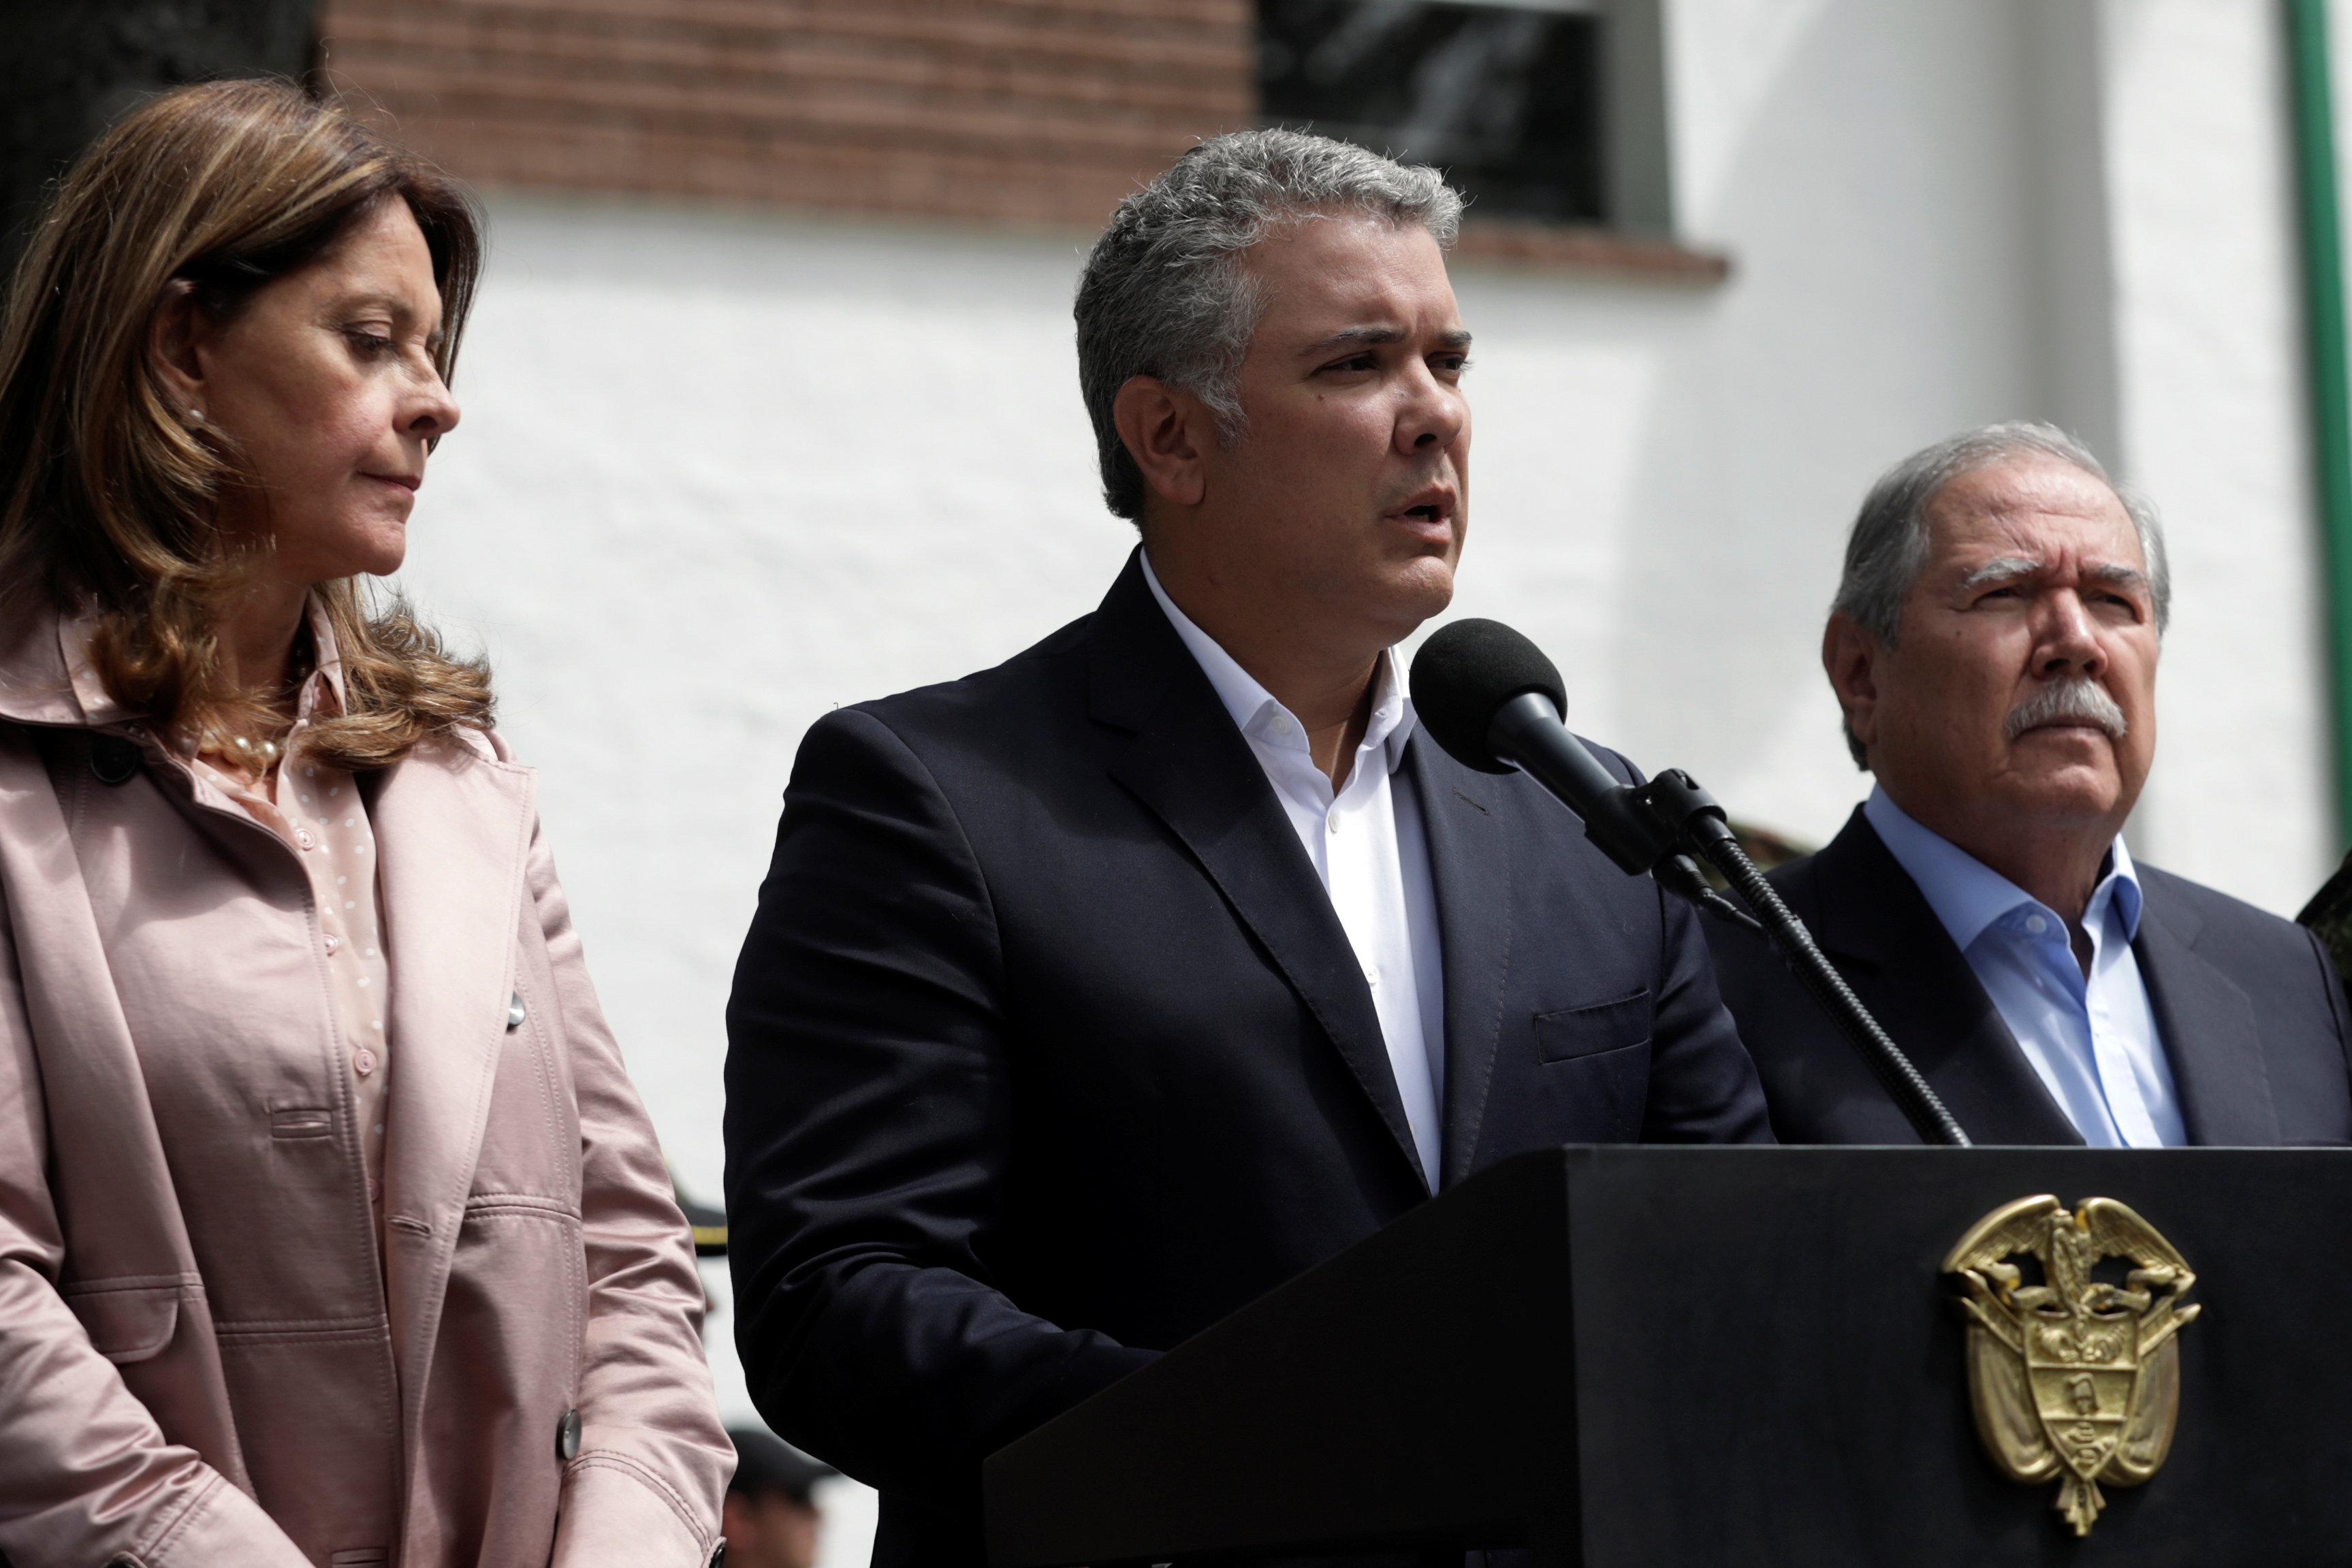 رئيس كولومبيا يتحدث إلى المؤتمر الصحفى